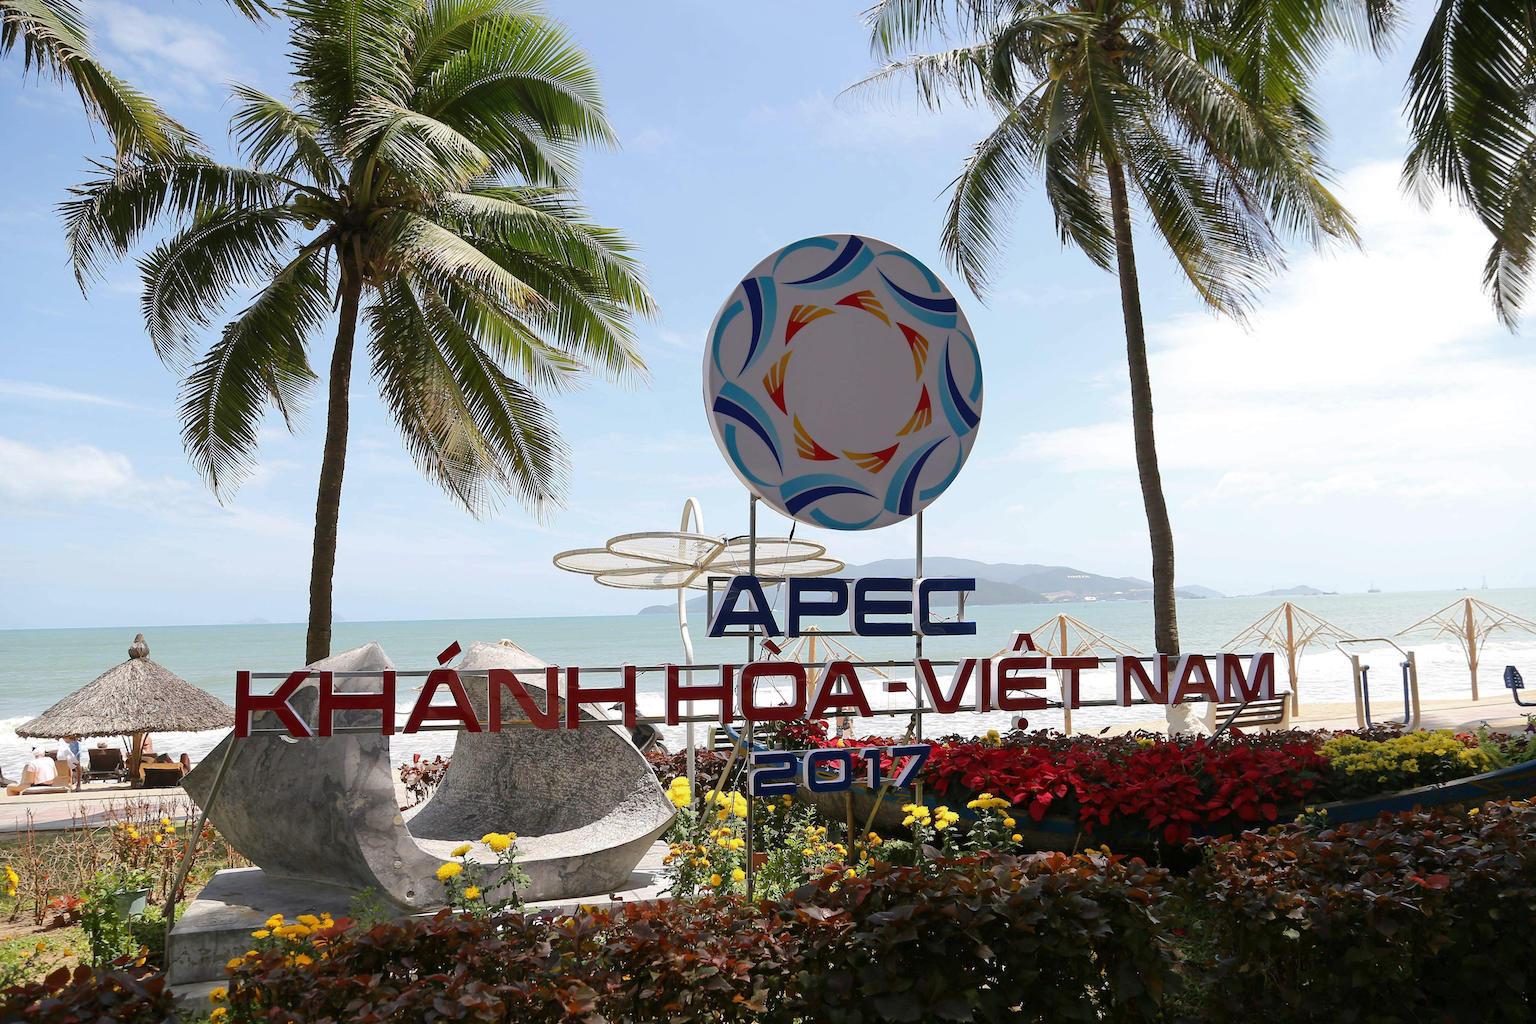 APEC Việt Nam 2017 - Khẳng định vị thế dẫn đầu của Diễn đàn Hợp tác kinh tế Châu Á - Thái Bình Dương